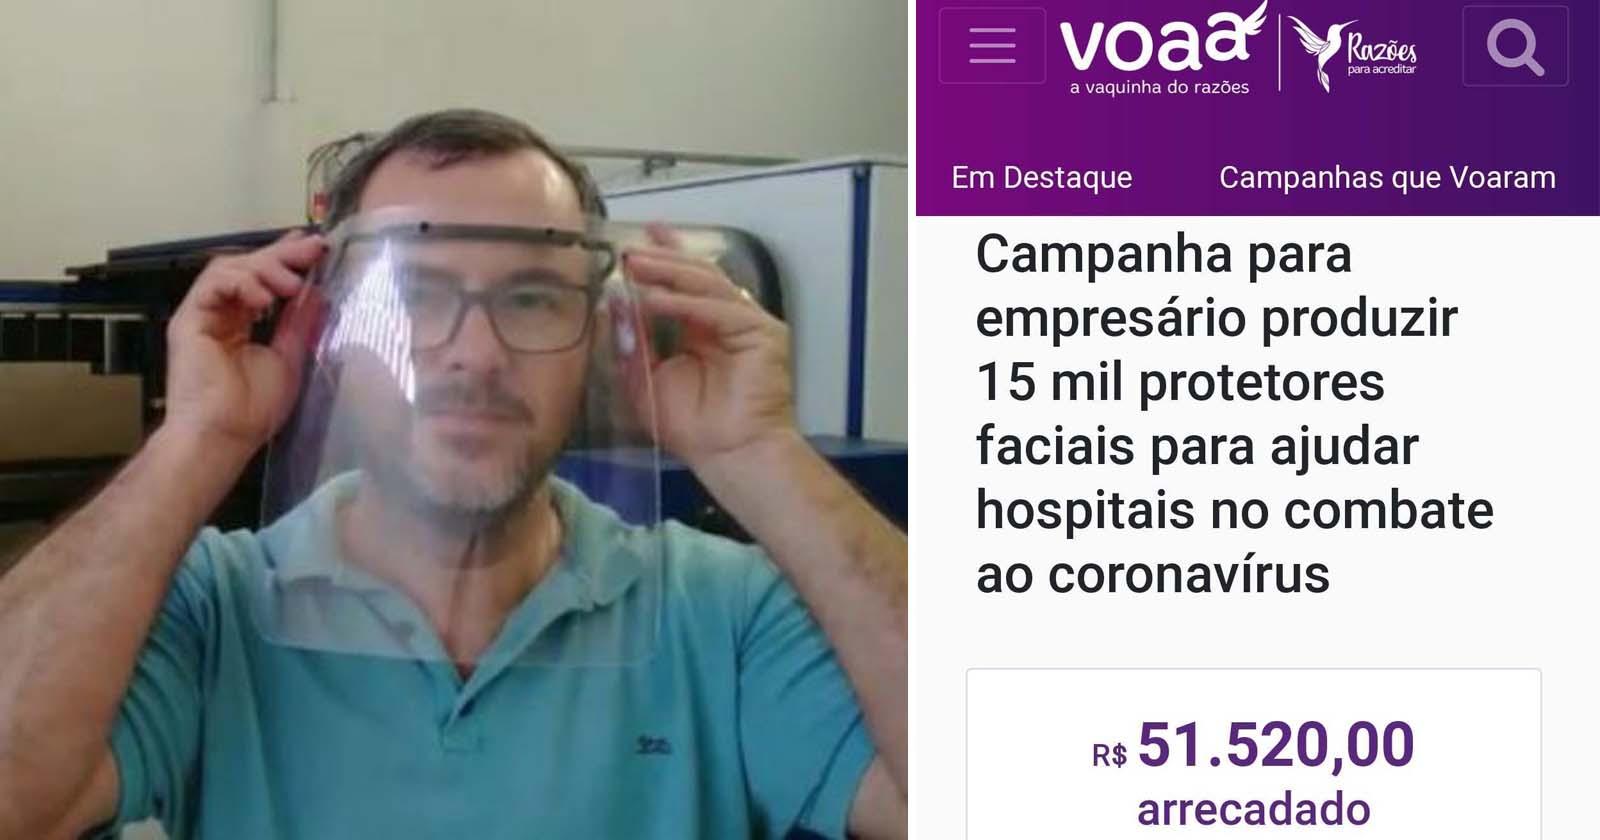 Com ajuda de vaquinha, empresário irá doar 15 mil protetores faciais para hospitais e unidades de saúde